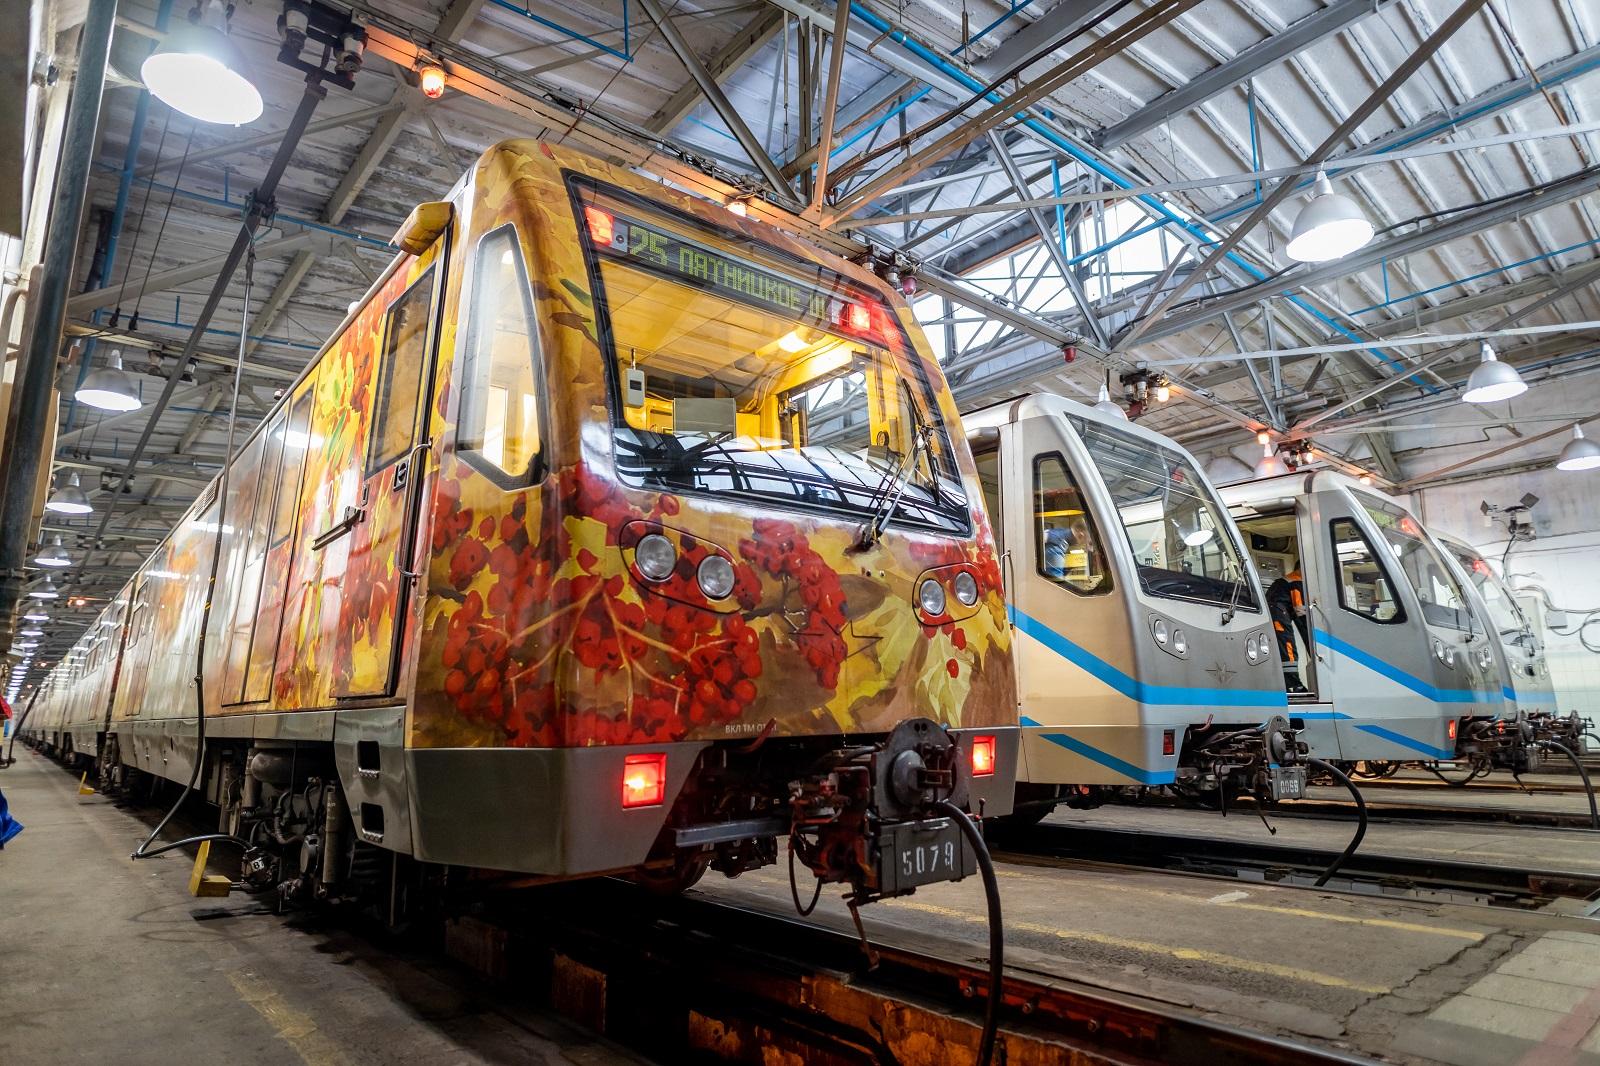 Анималистическое искусство: тематический поезд метро украсили картинами из Дарвиновского музея